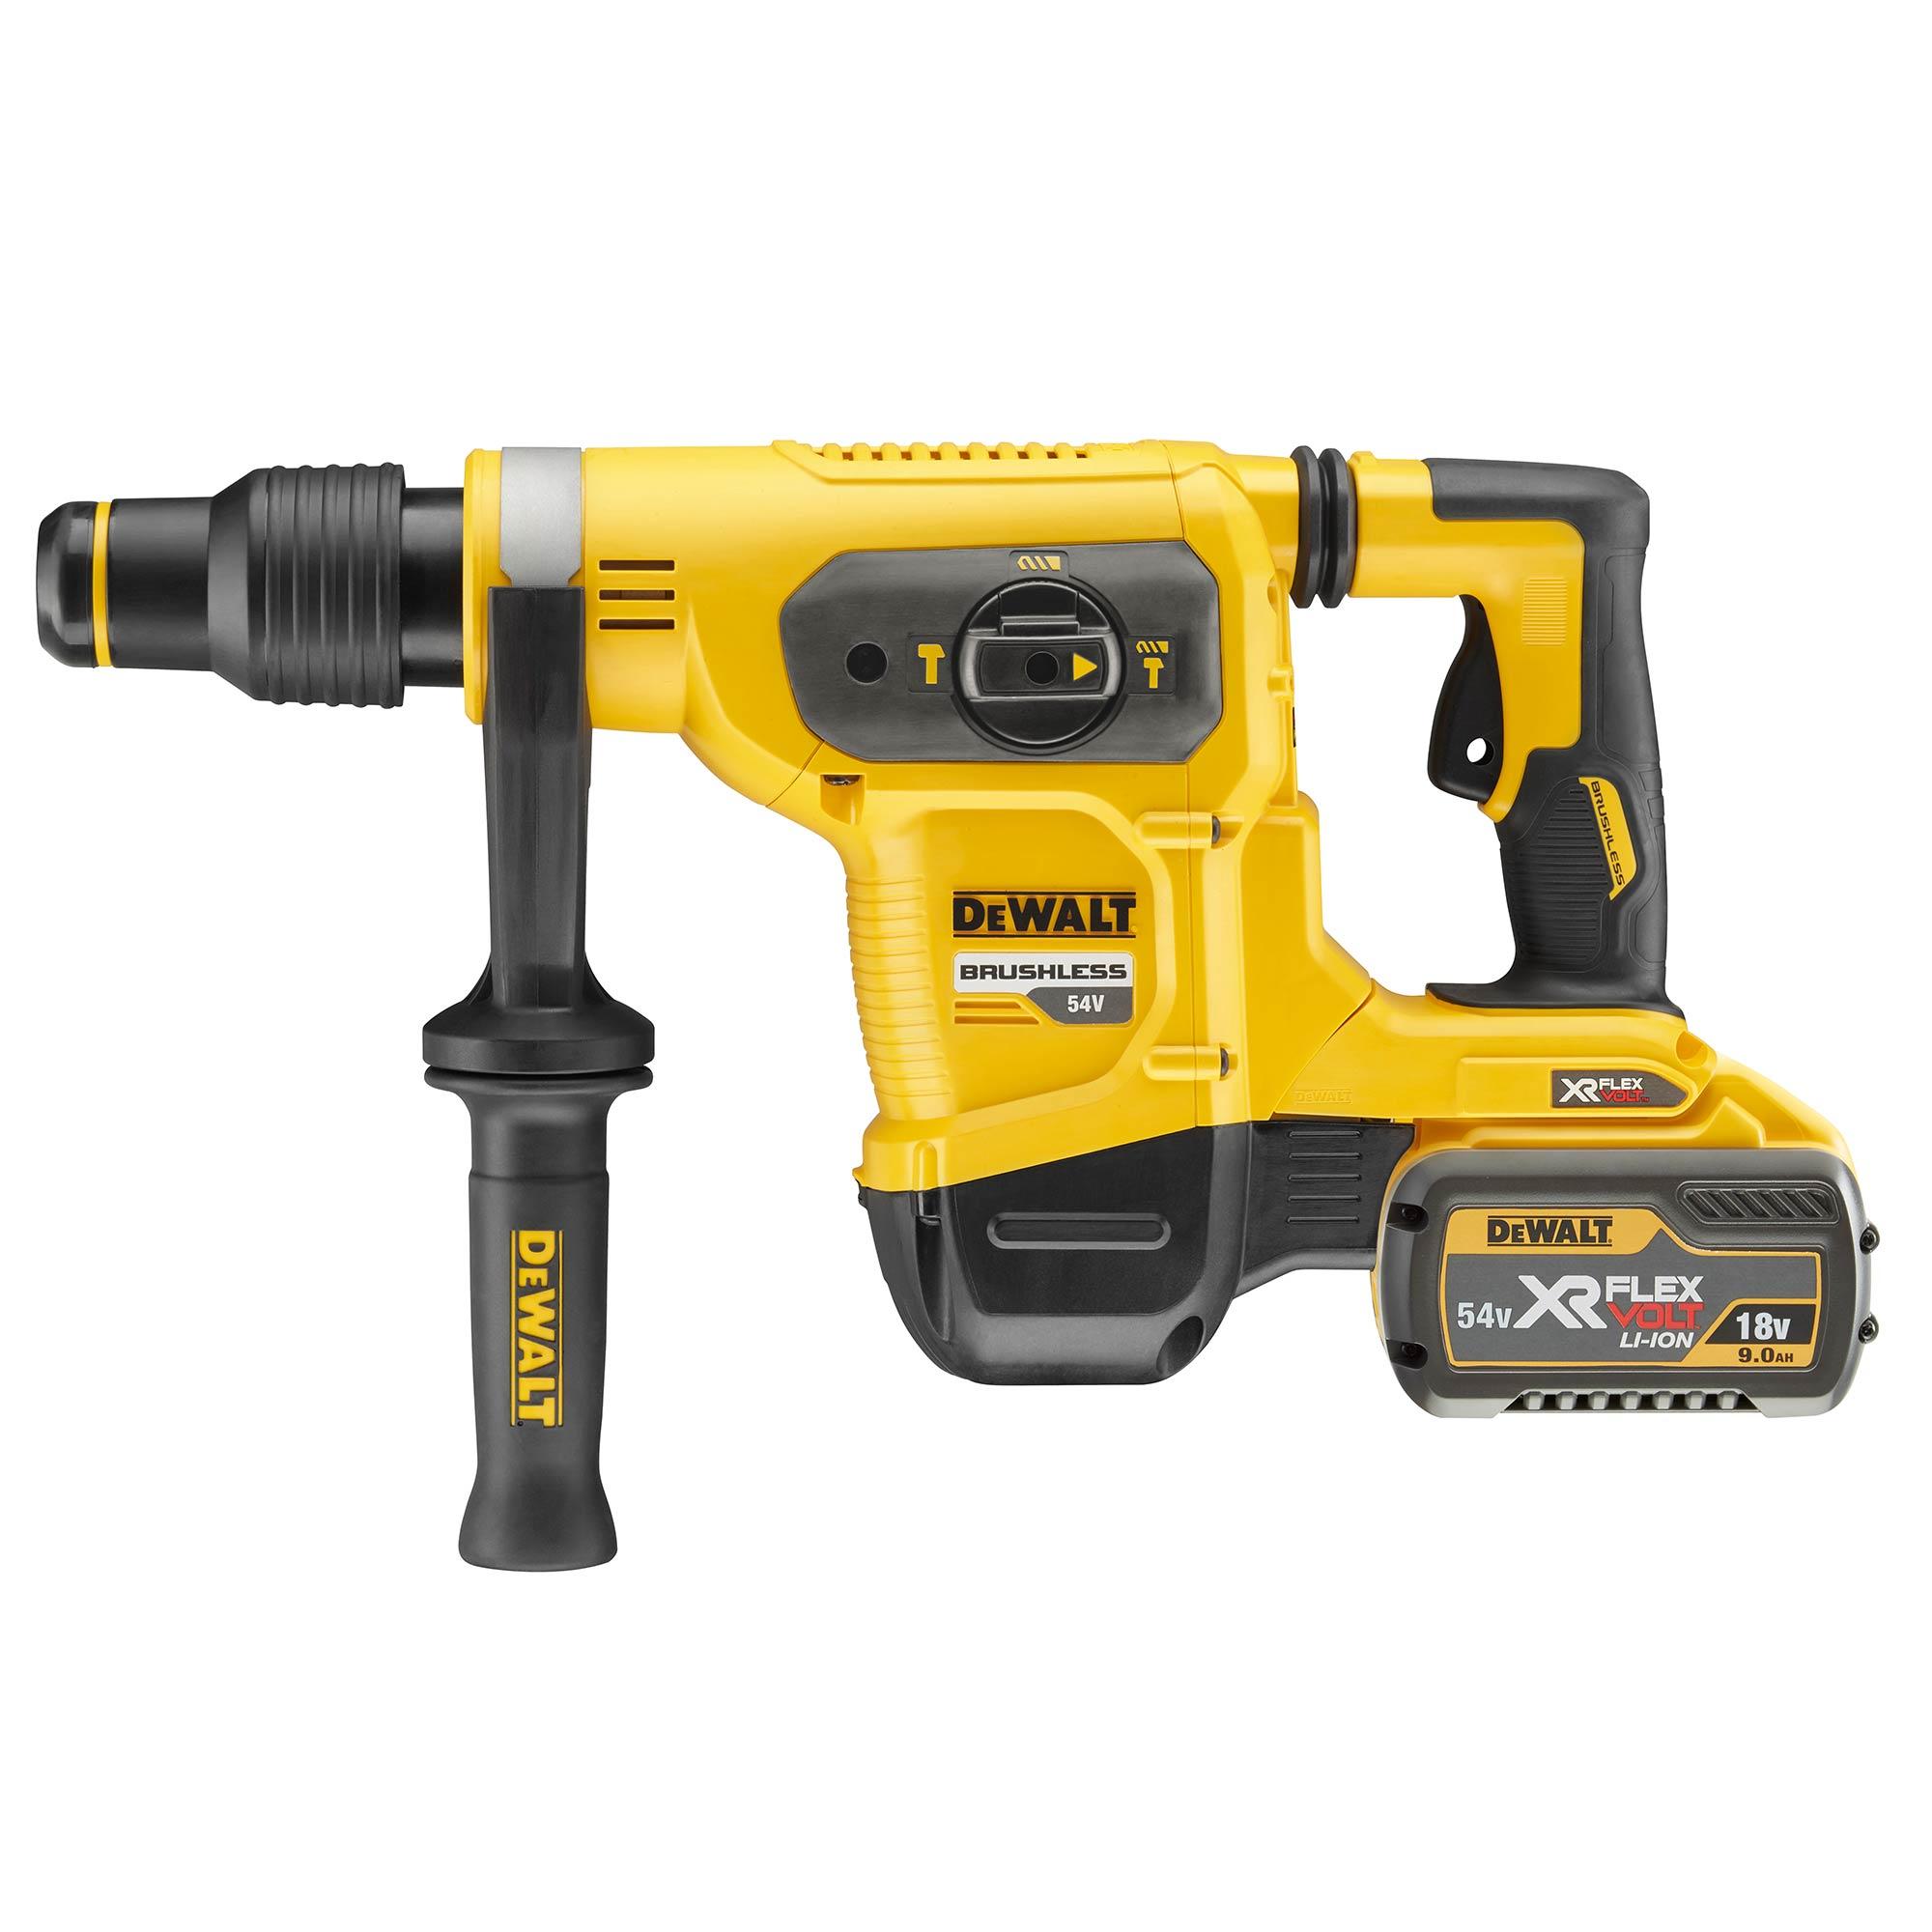 - 54V XR Flex Volt SDS Max Rotary Hammer